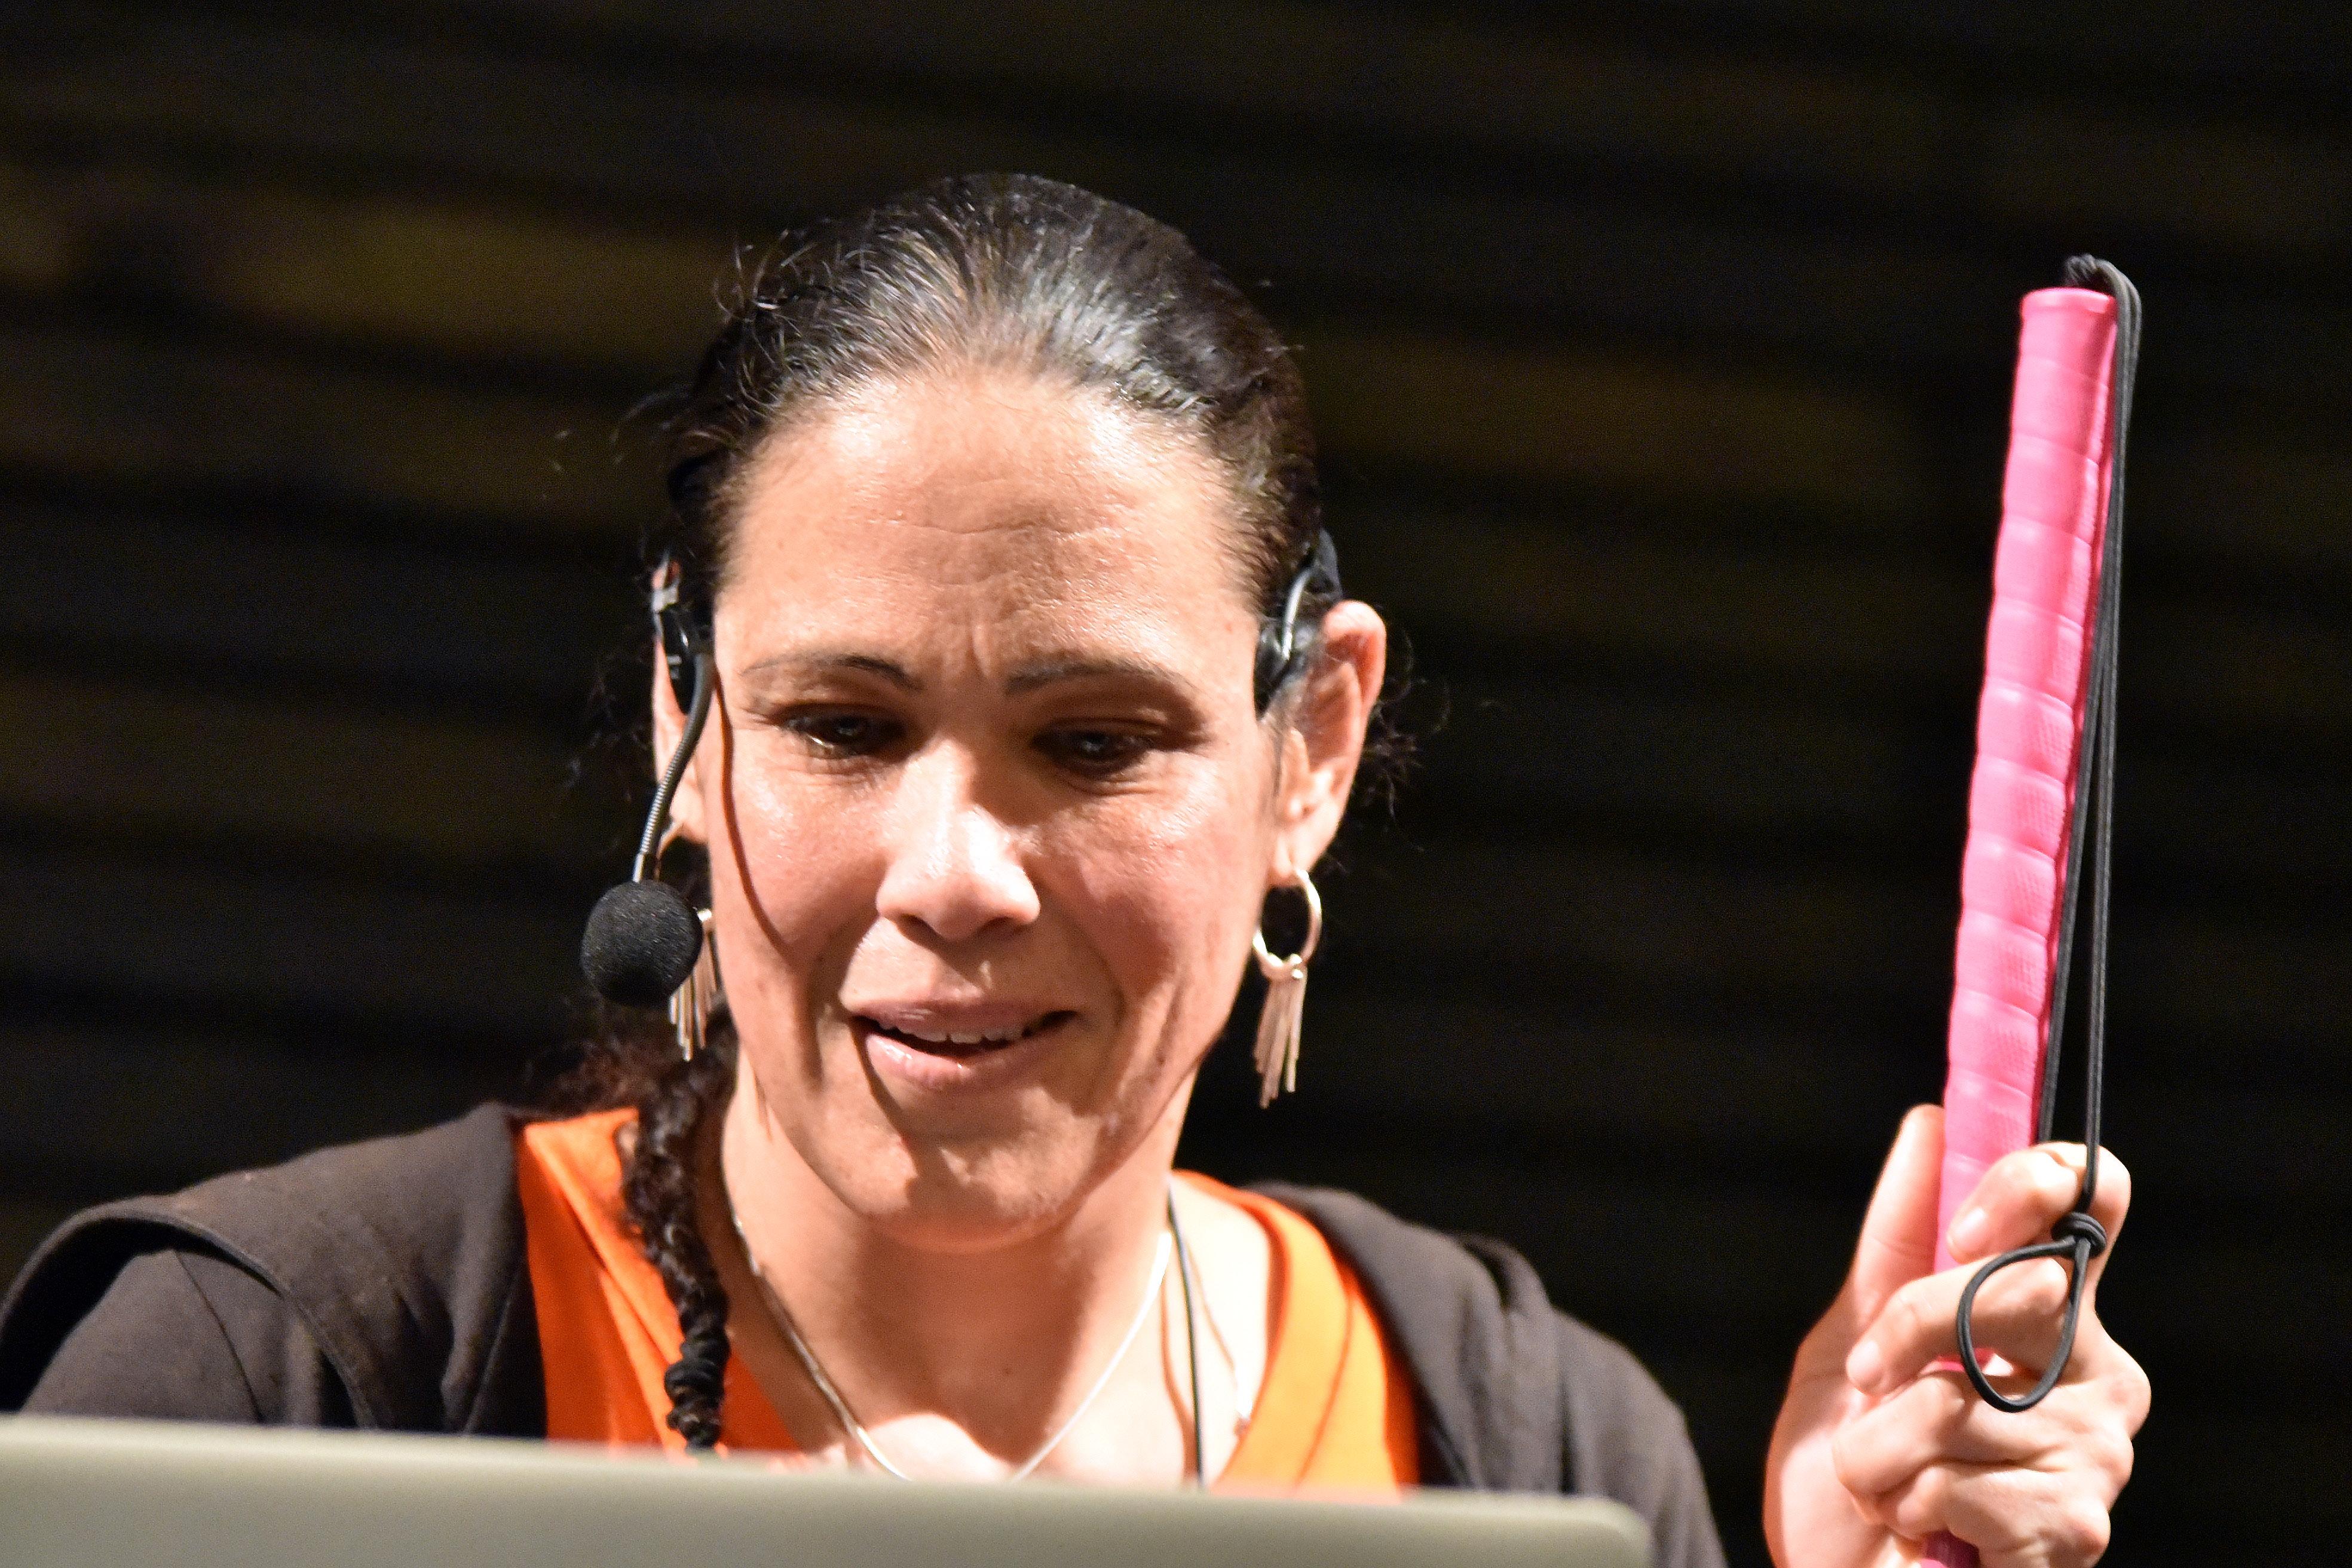 """Wanda Díaz, astrofísica:  """"La ciencia está recomenzando, hoy el sonido es clave para analizar y explorar los datos del medio interestelar"""""""